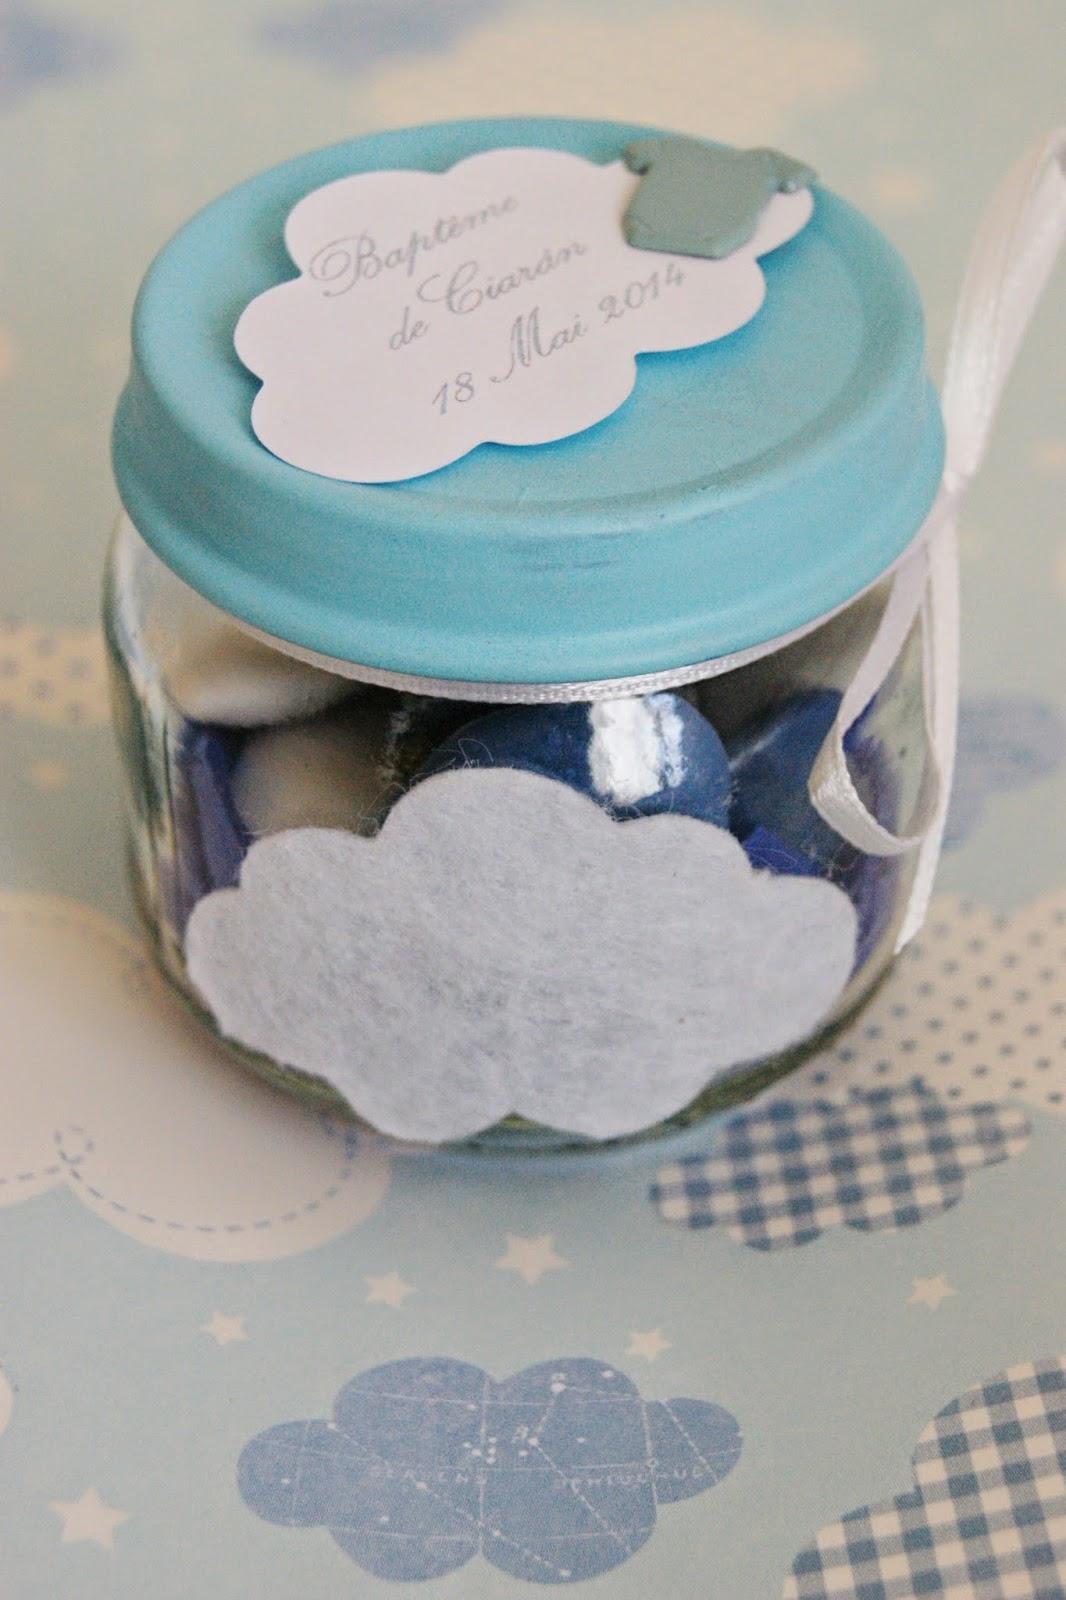 Des magnolias sur ma voie lact e bapt me blanc bleu - Bebe et le pot ...